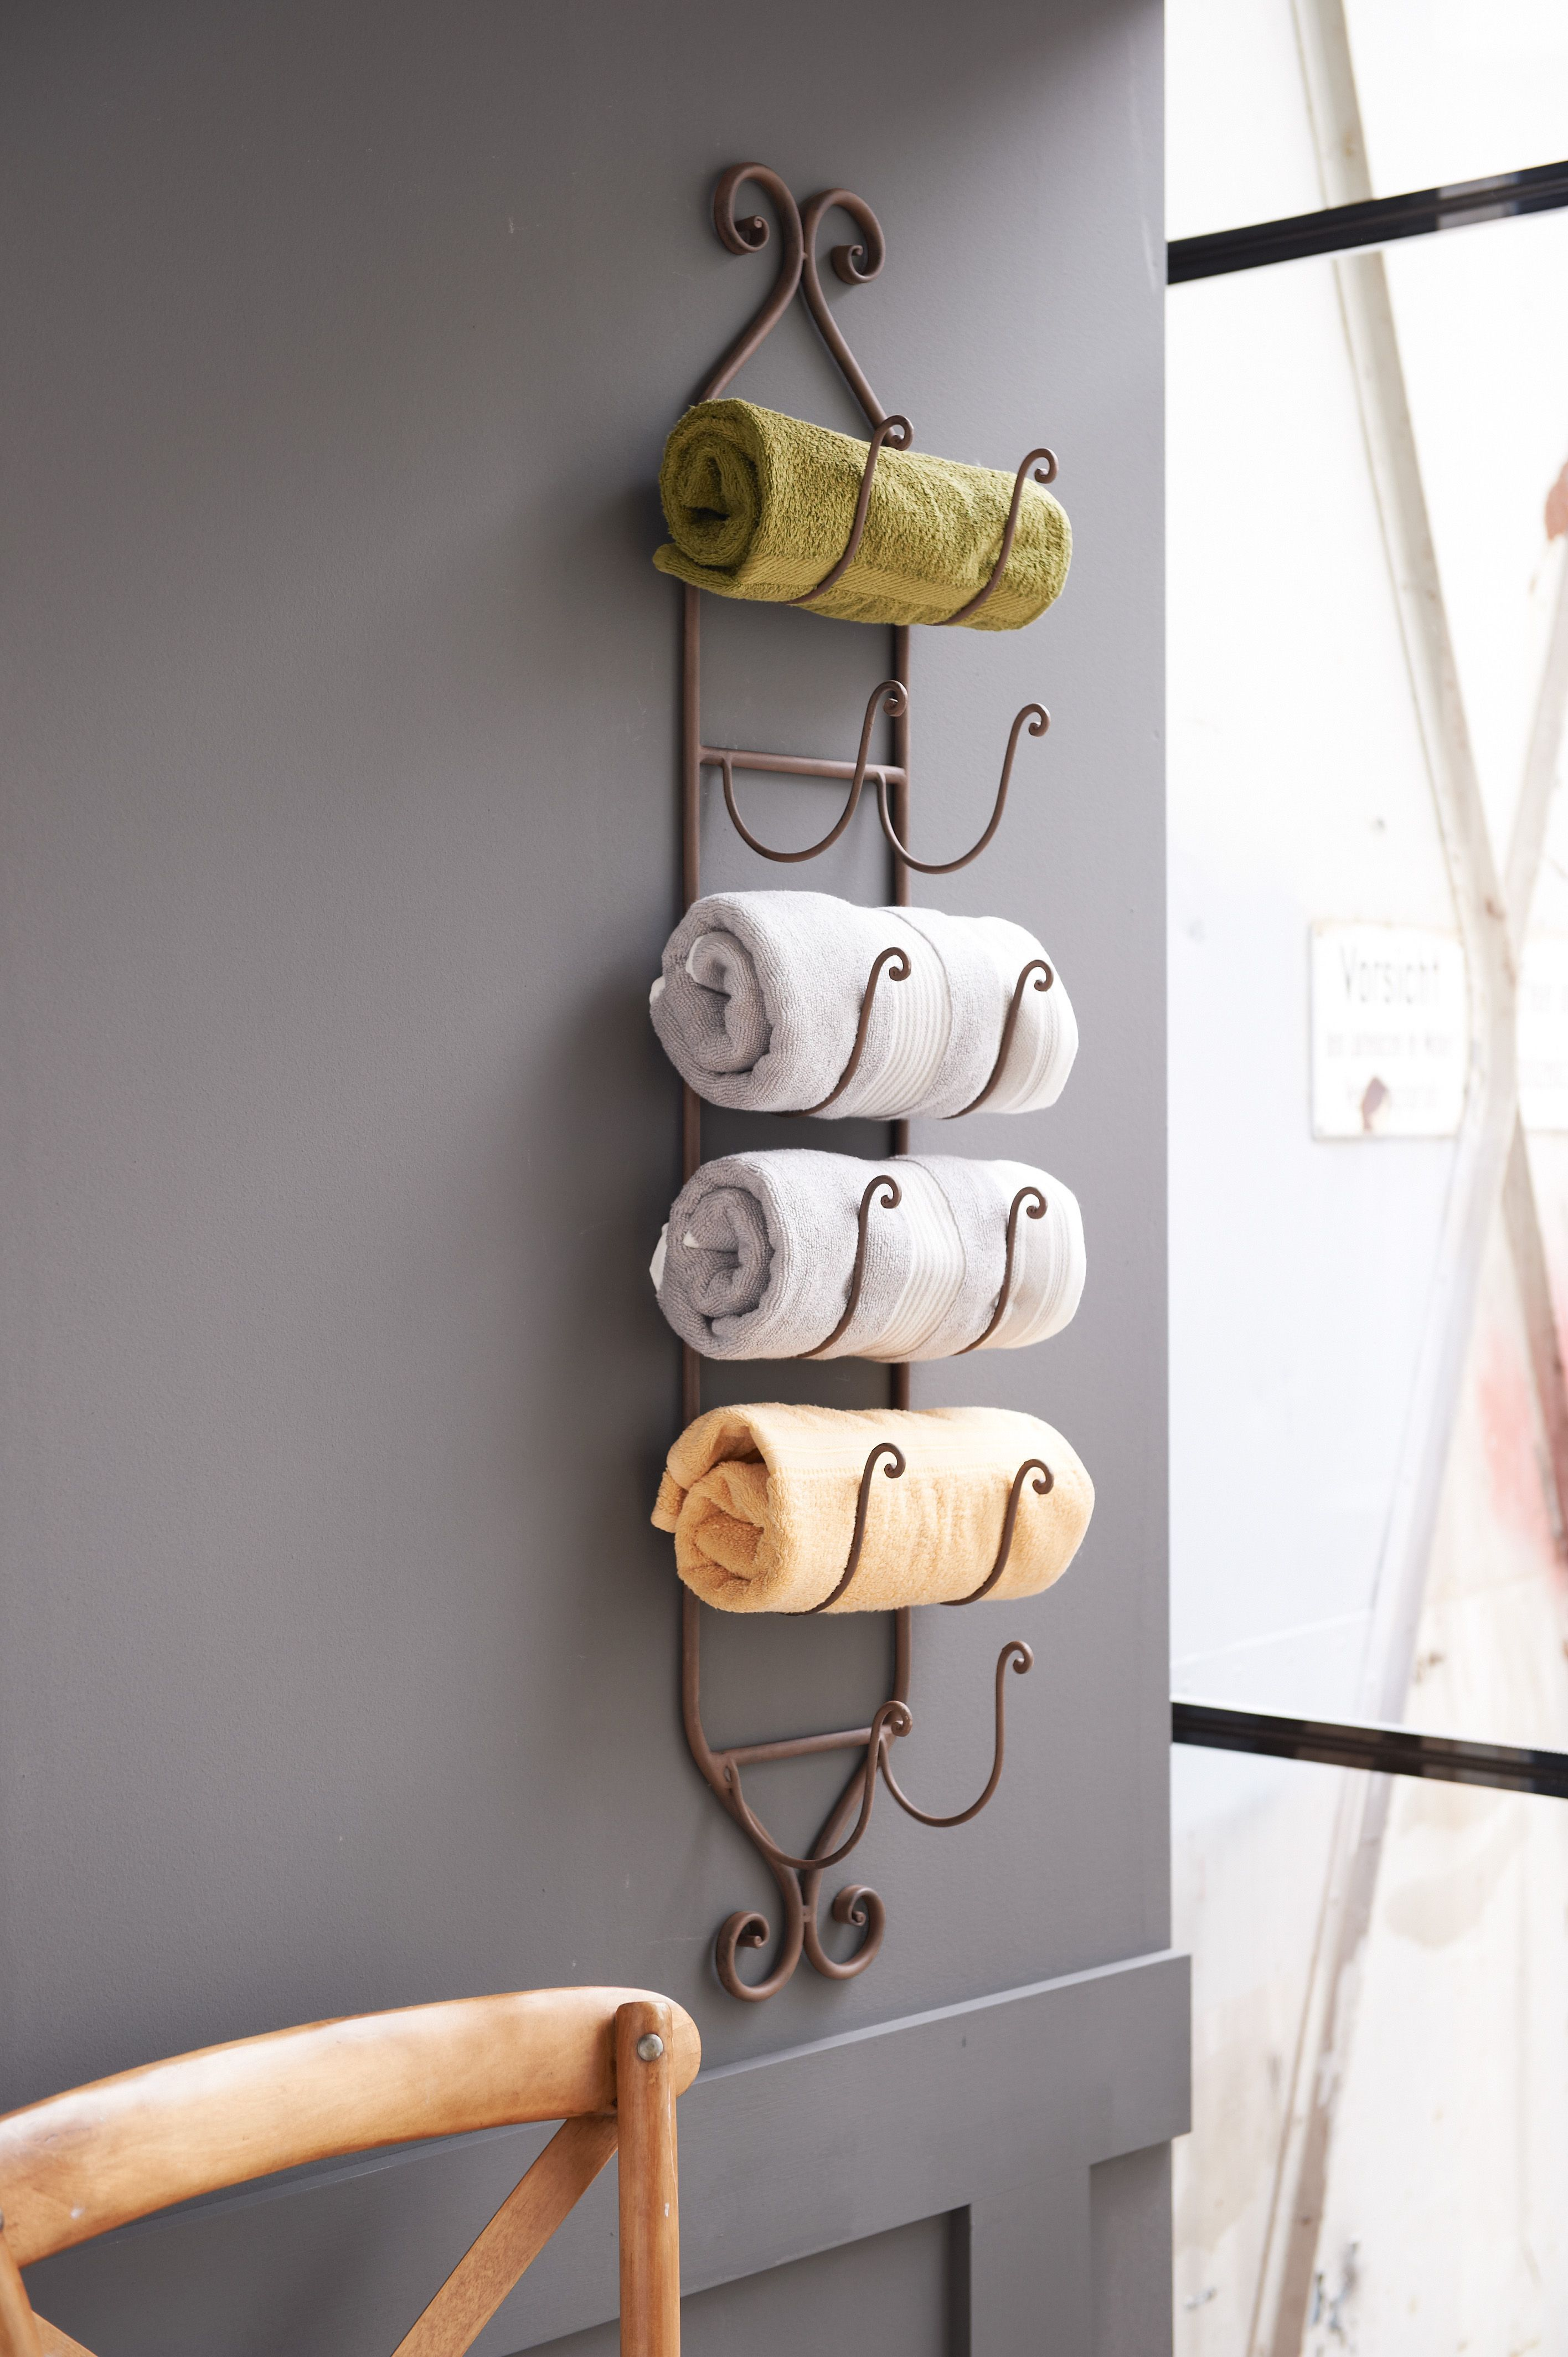 Stilvoller handtuchhalter living impressionen bath impressionen wellness oase - Handtuchhalter landhausstil ...